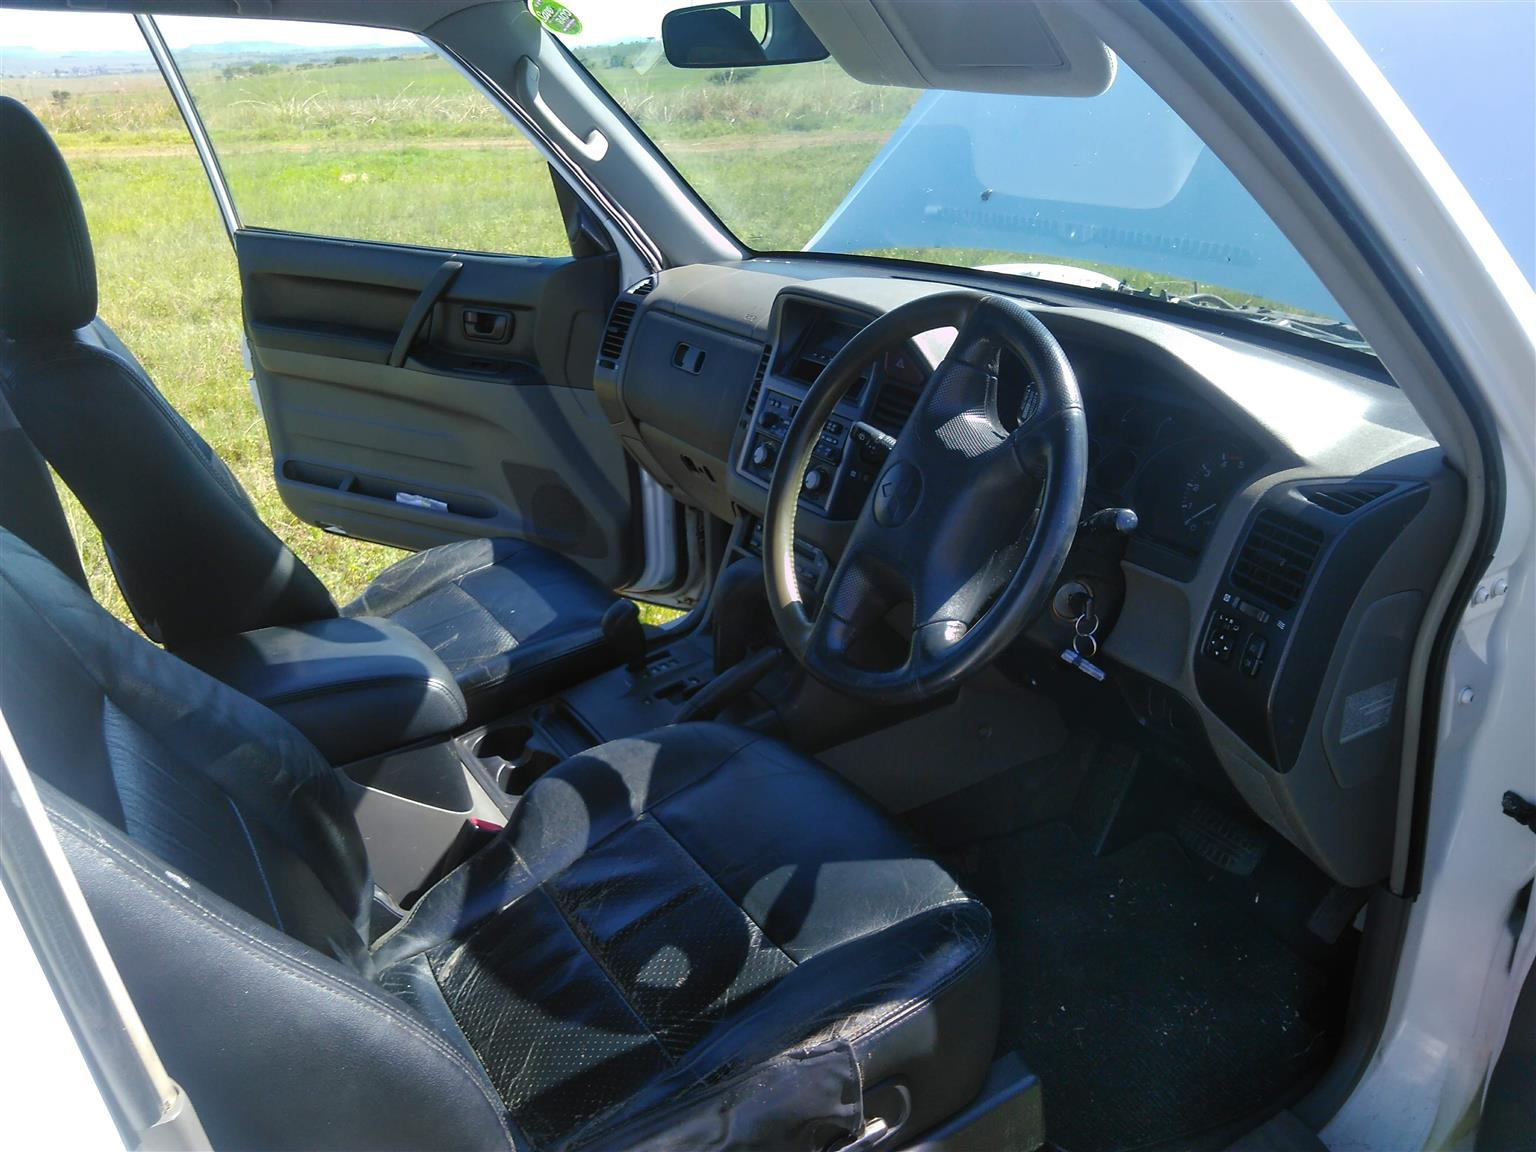 2004 Mitsubishi Pajero 3 door 3.2DI D GLS Exceed